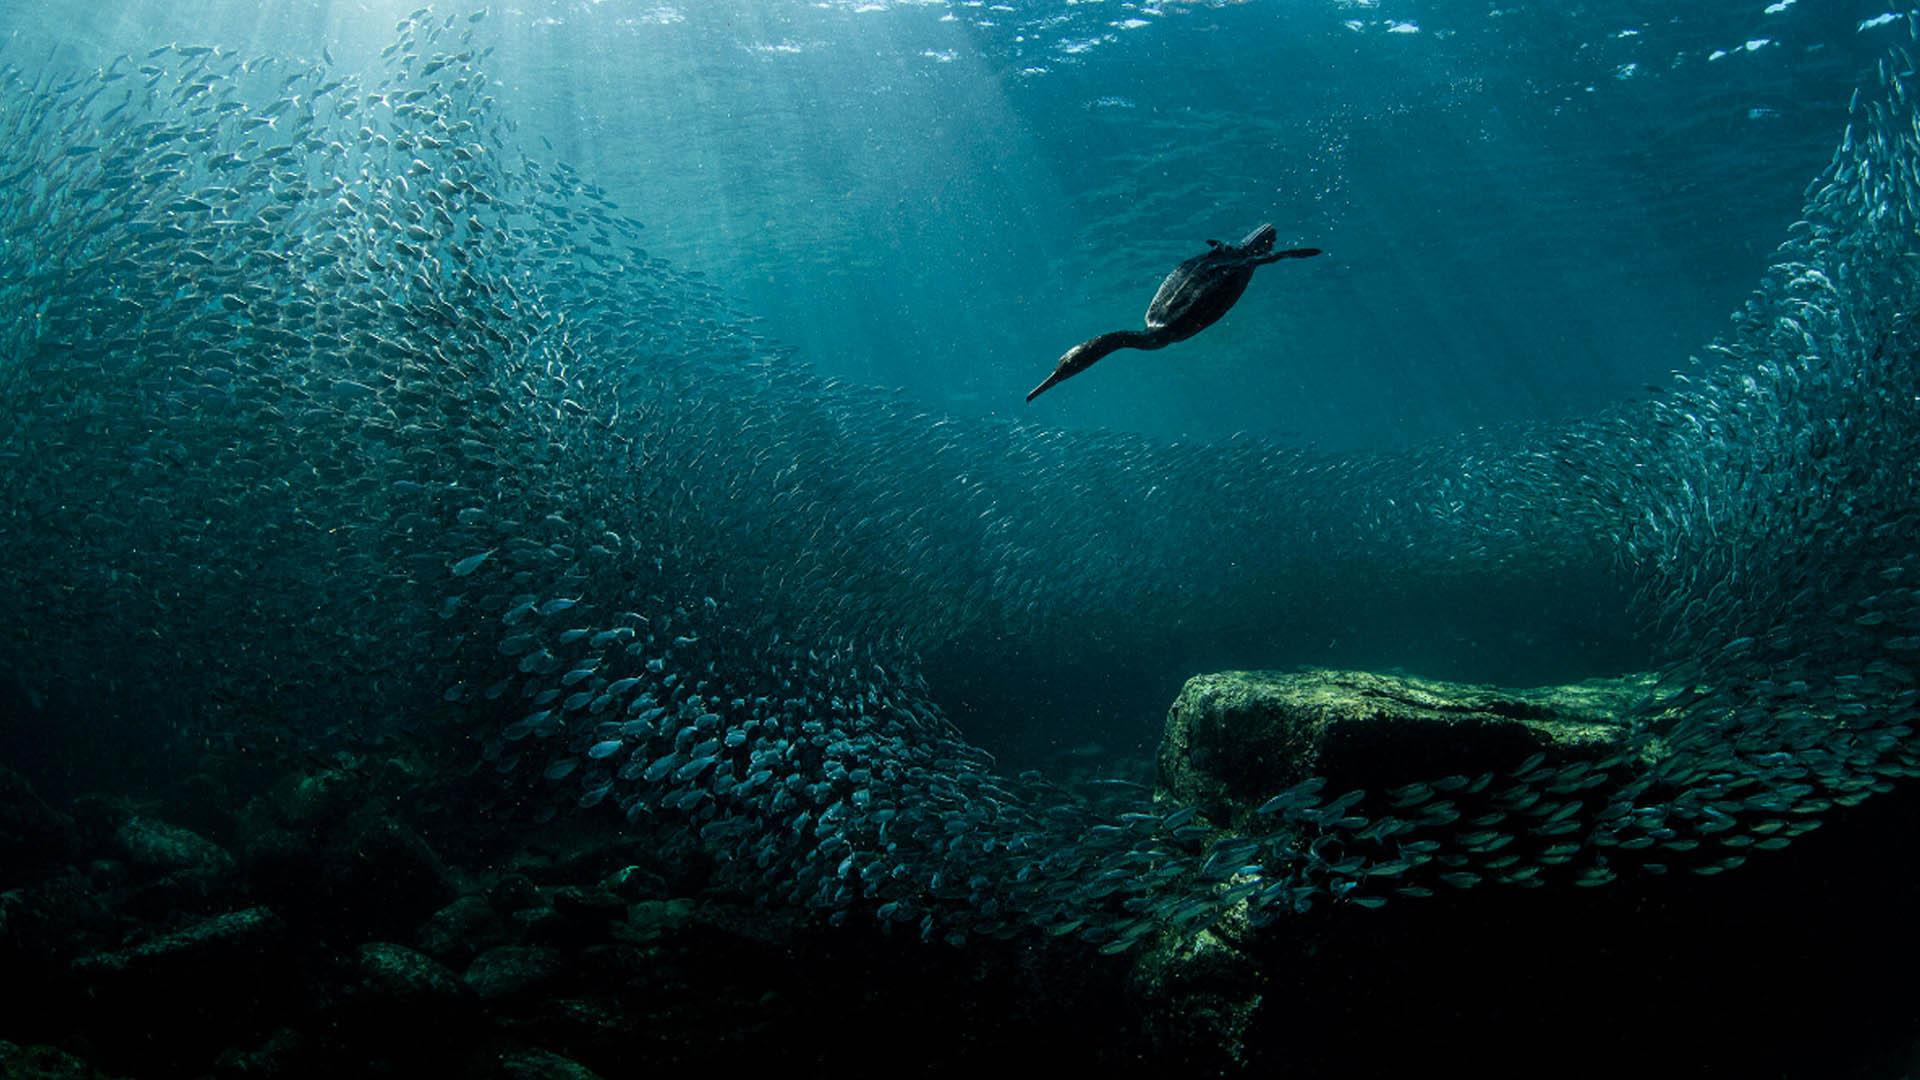 (+ Fotos) Increíble imagen de un ave gana The 2020 Audubon Photography Awards